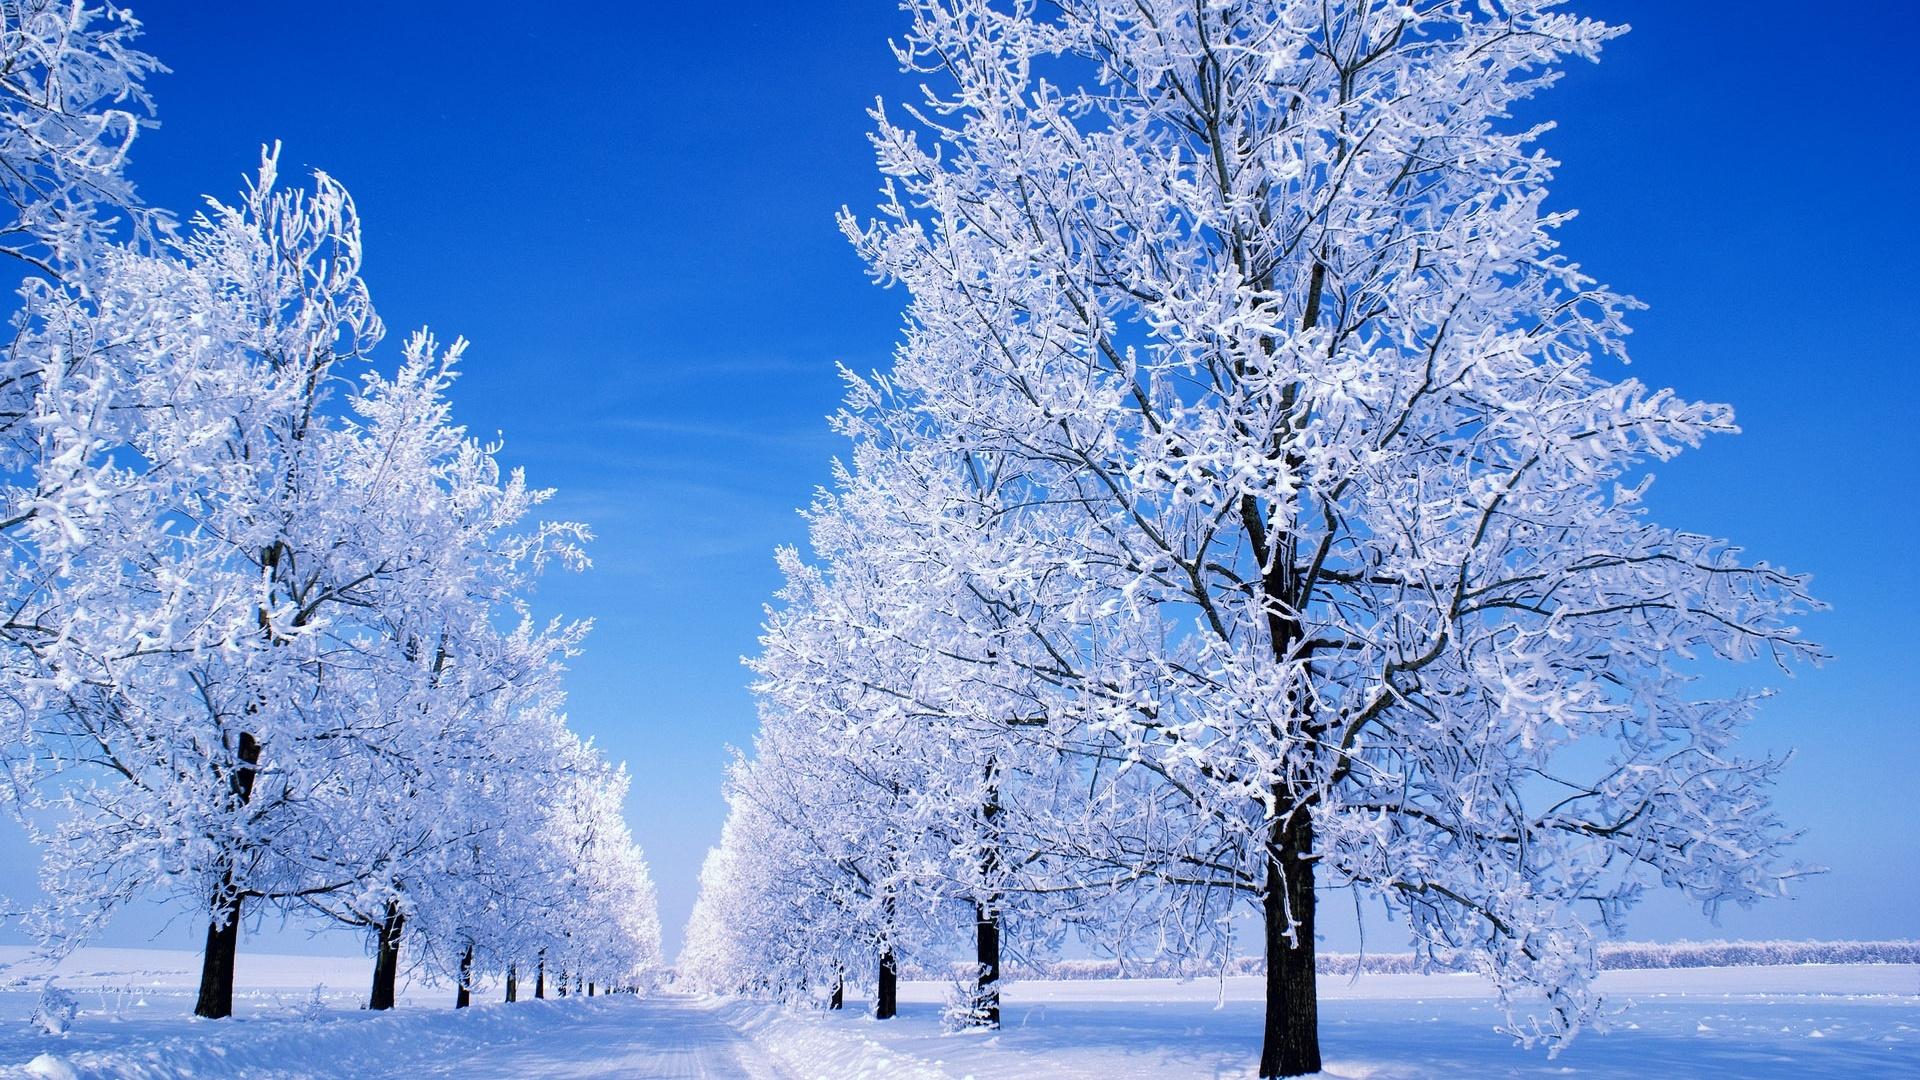 Winter Snow Scenes Desktop 1920x1080